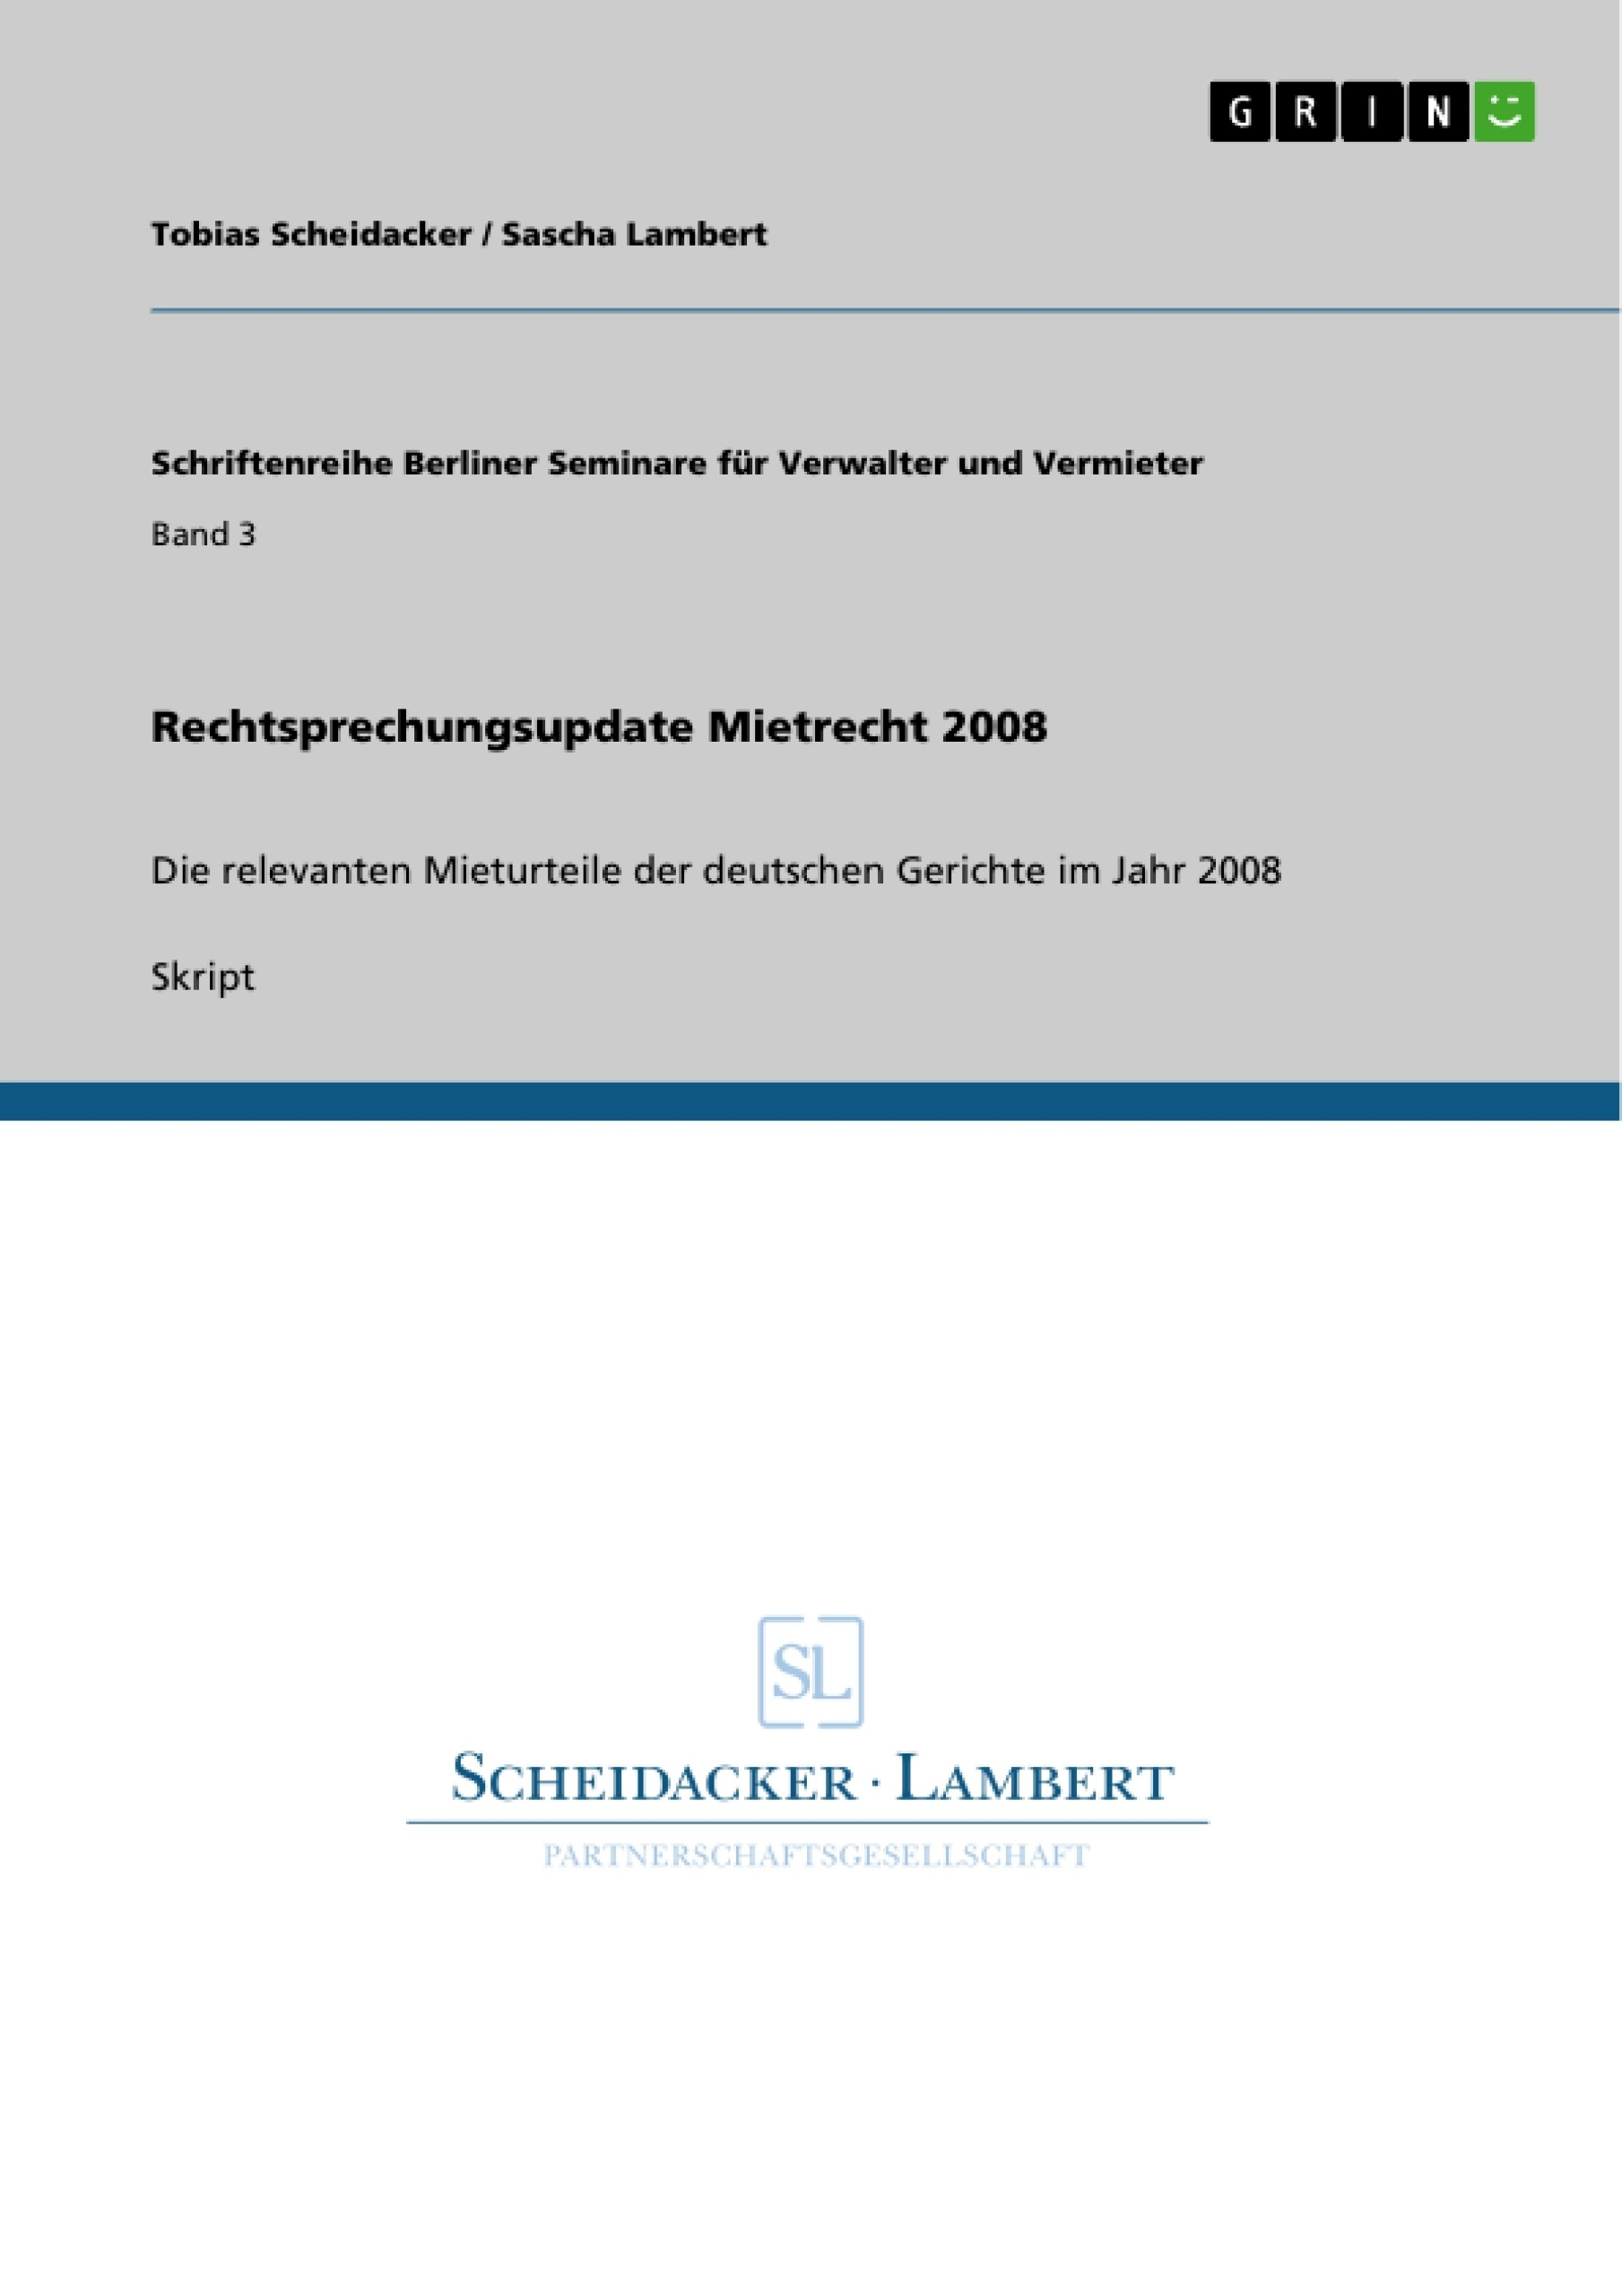 Titel: Rechtsprechungsupdate Mietrecht 2008